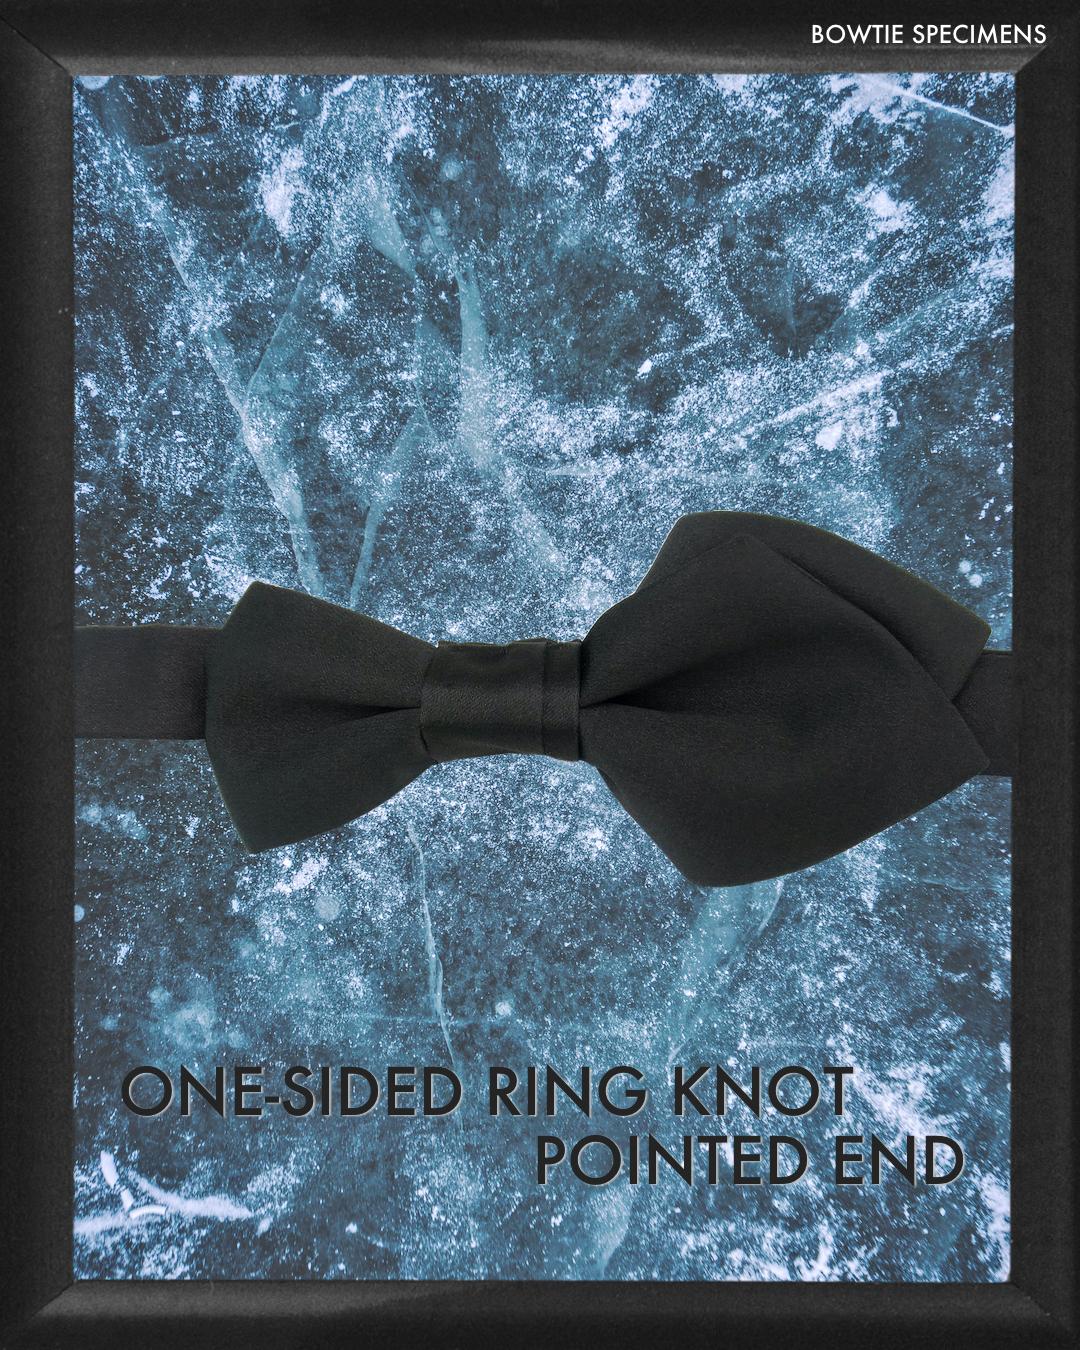 復刻版  方わな結び・ポインテッドエンド (ブラックサテン/ソリッド) 作り結び型〈蝶ネクタイ デザイン ポインテッド 黒 bowtie specimens〉